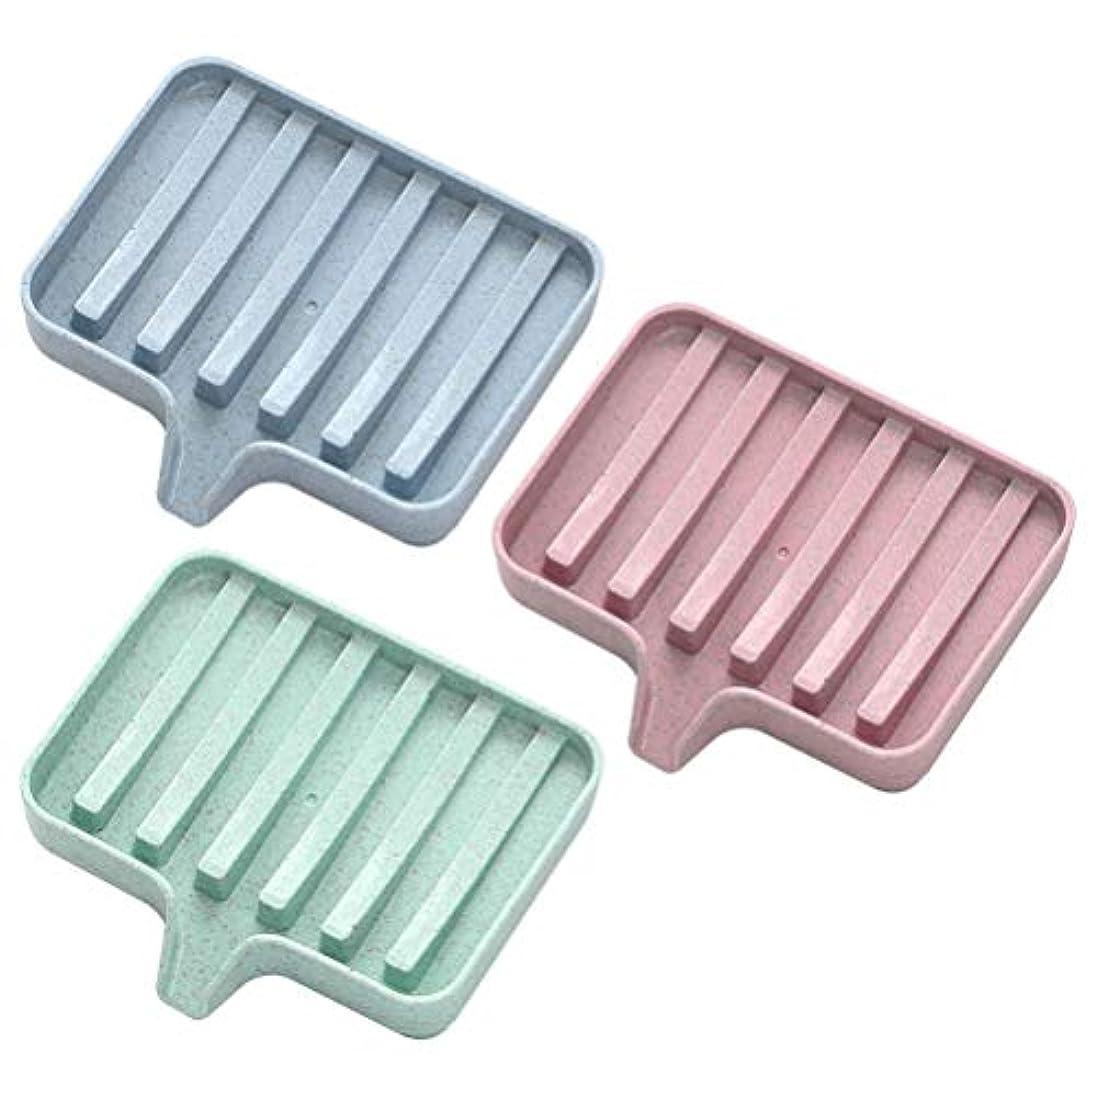 ROSENICE ソリッドカラーソープディッシュソープボックスホルダードレイン3pcs(ピンク+グリーン+ブルー)